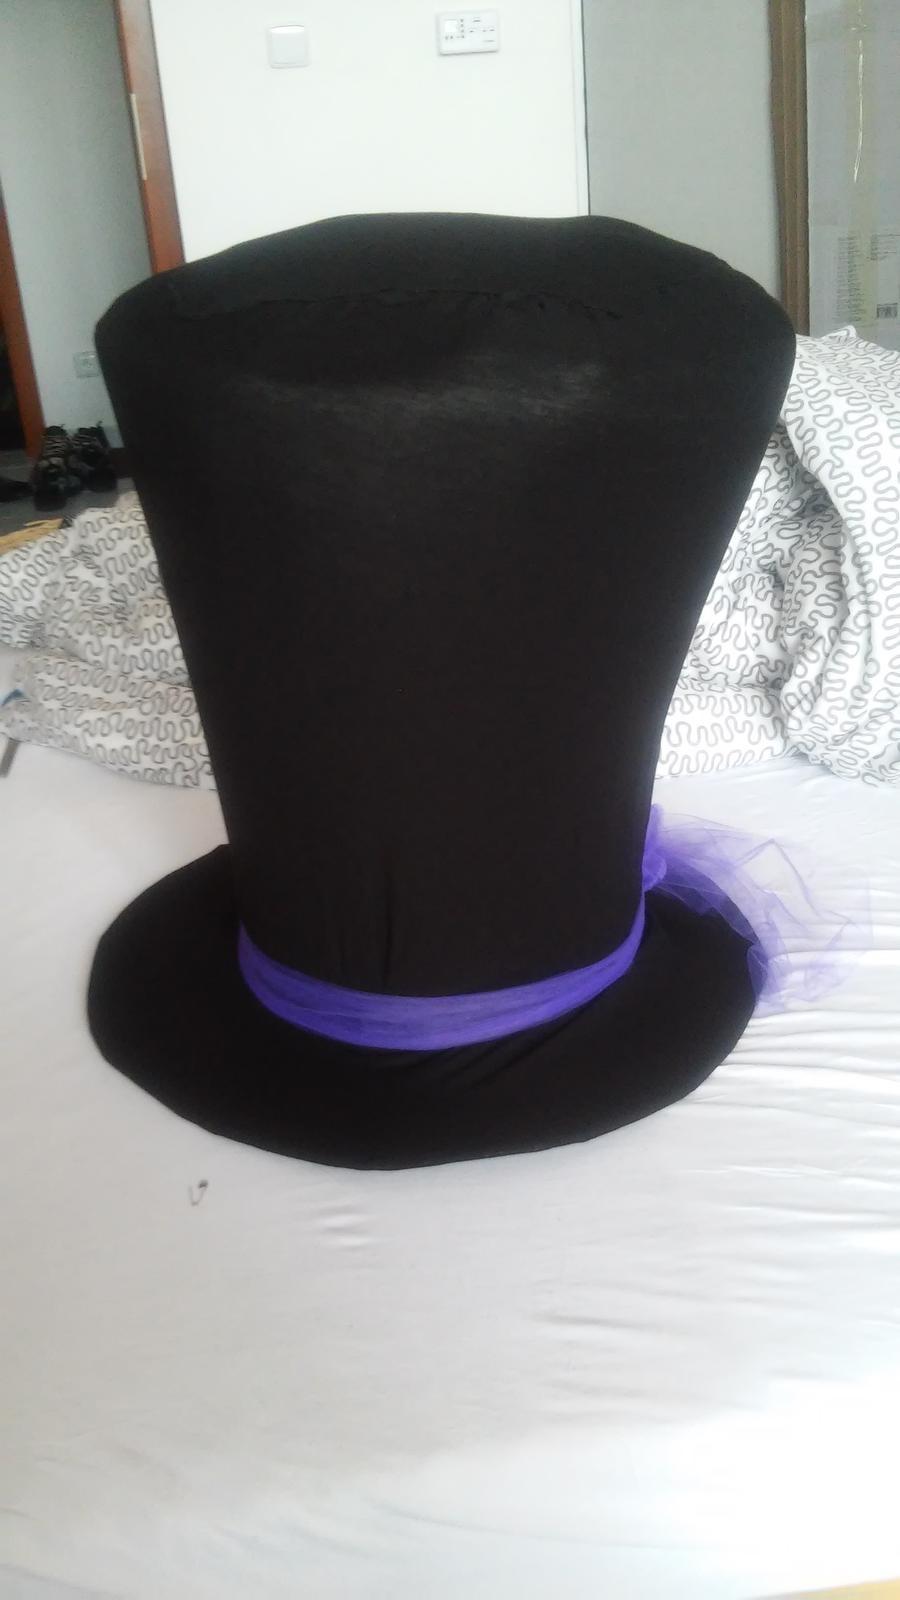 a1a03857e3e Obří klobouk na auto ženicha a korunka pro nevěstu